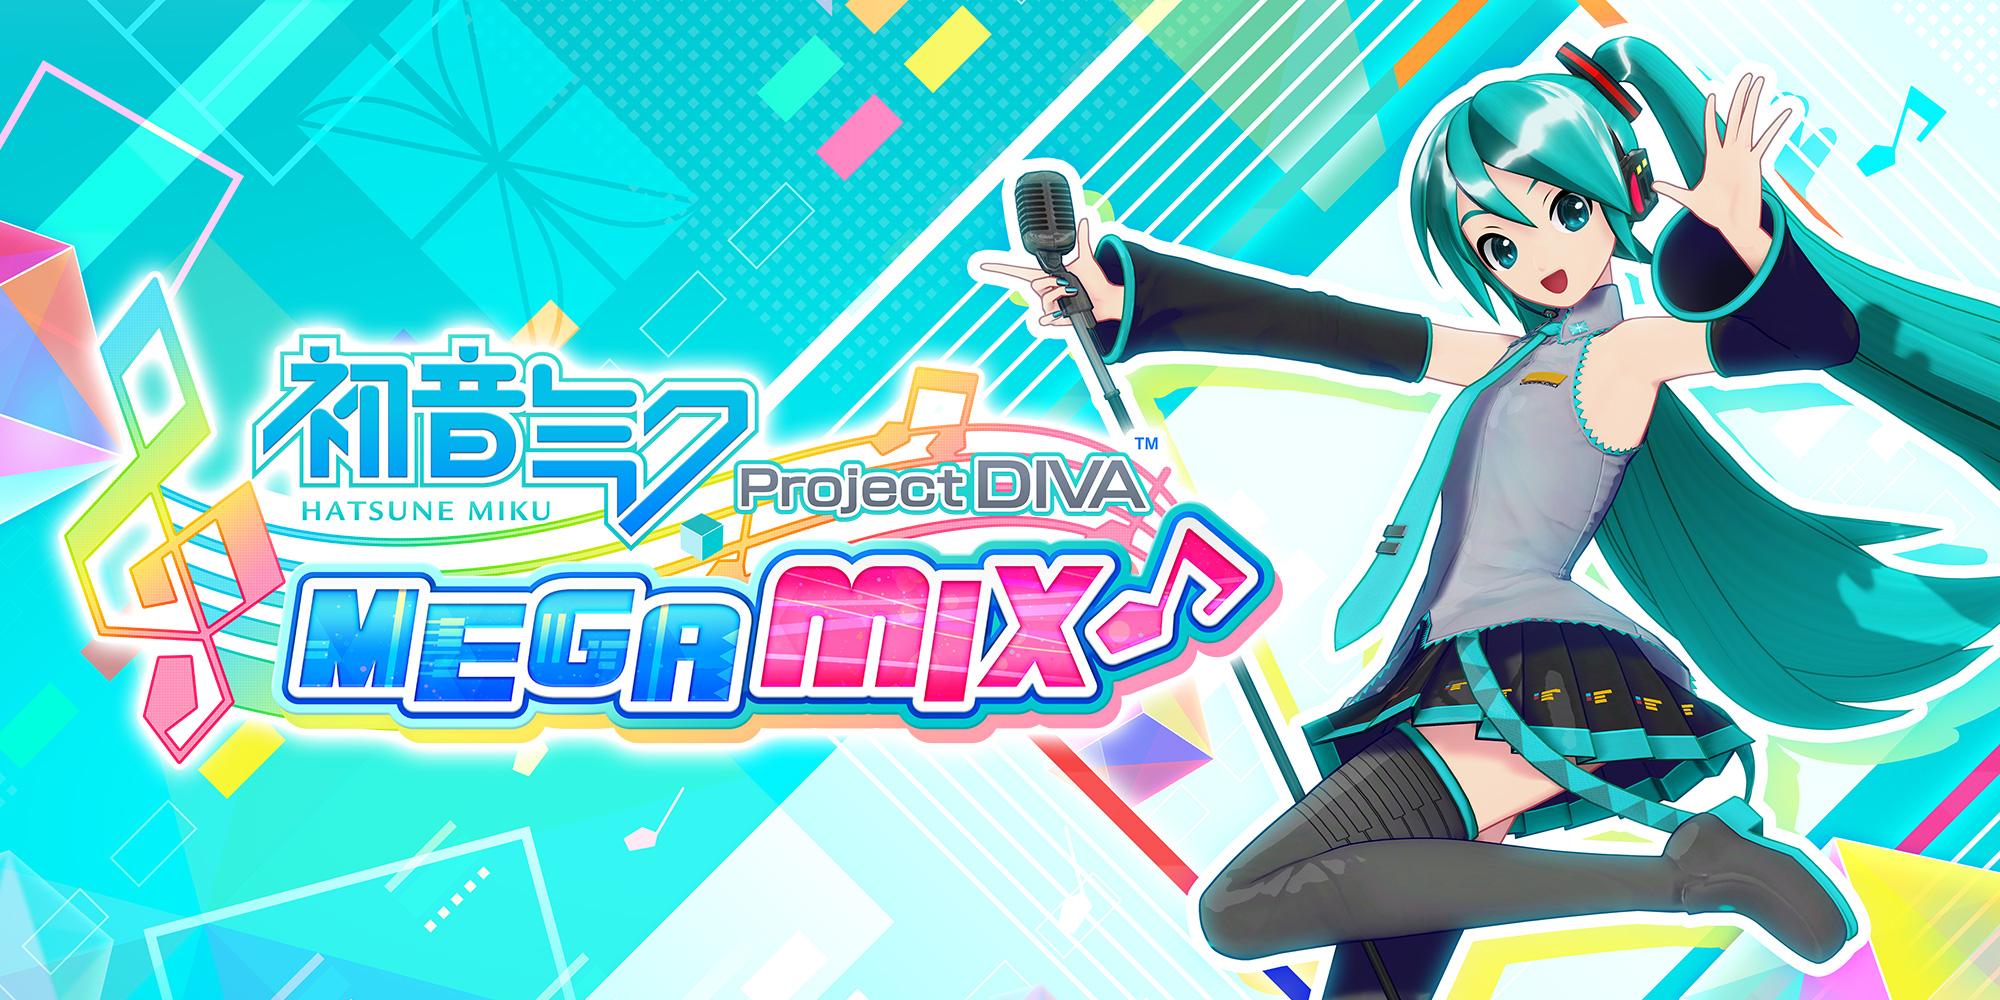 Hatsune Miku: Project DIVA Mega Mix   Giochi scaricabili per Nintendo  Switch   Giochi   Nintendo